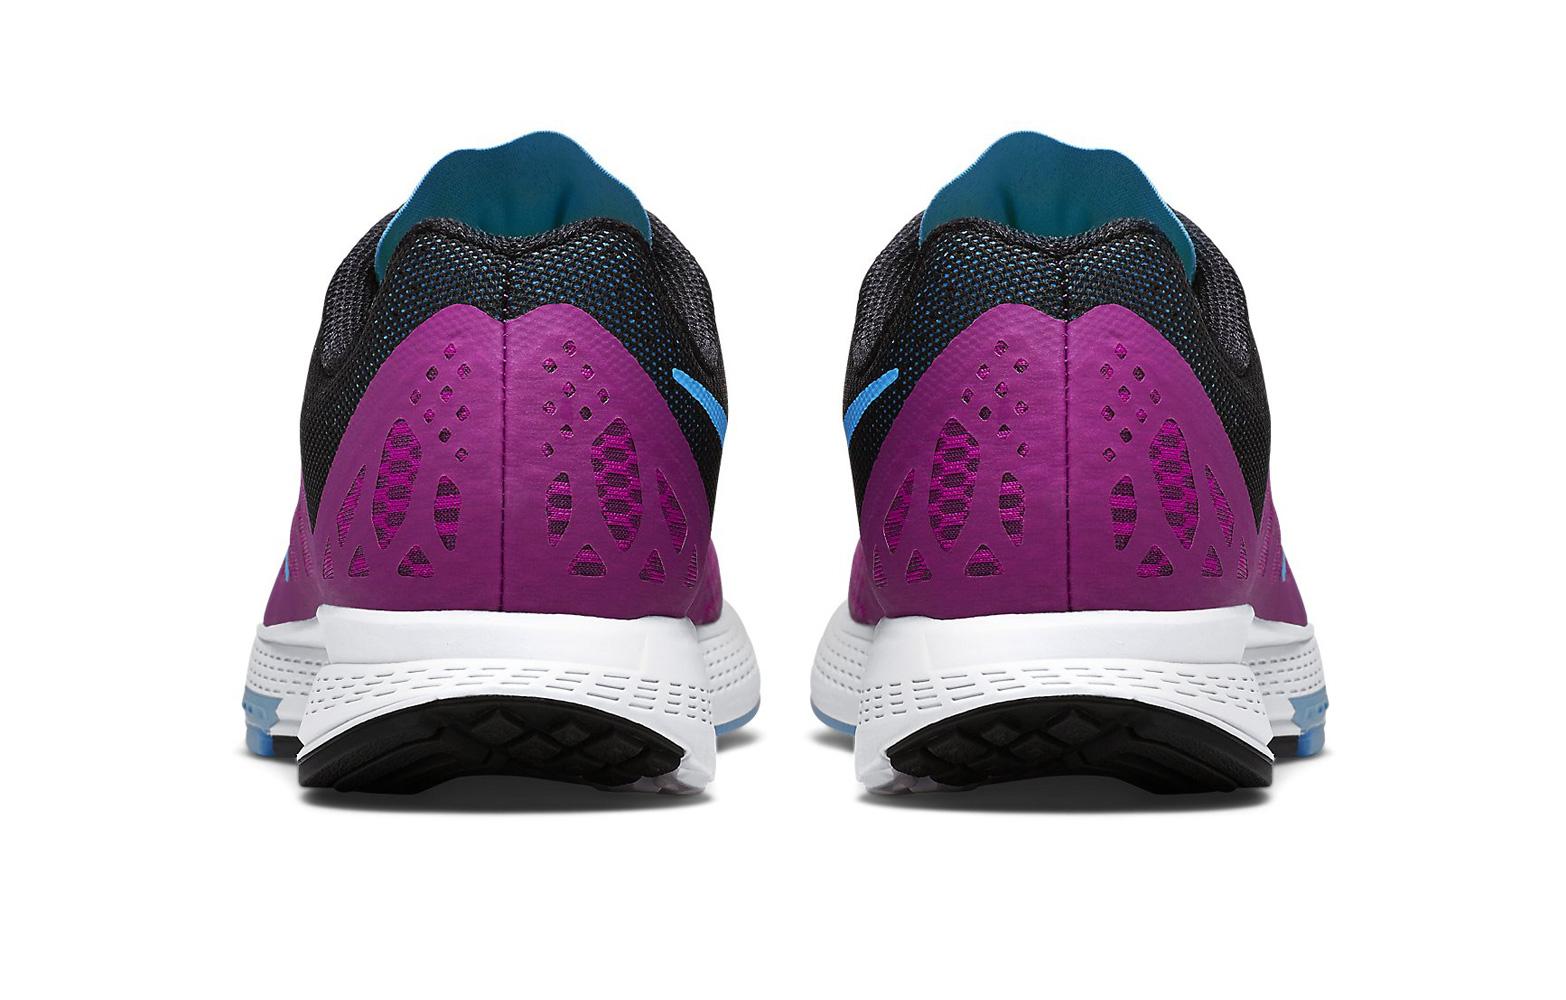 Zoom 7 Elite Nike Femme Air jVGzqSUMLp